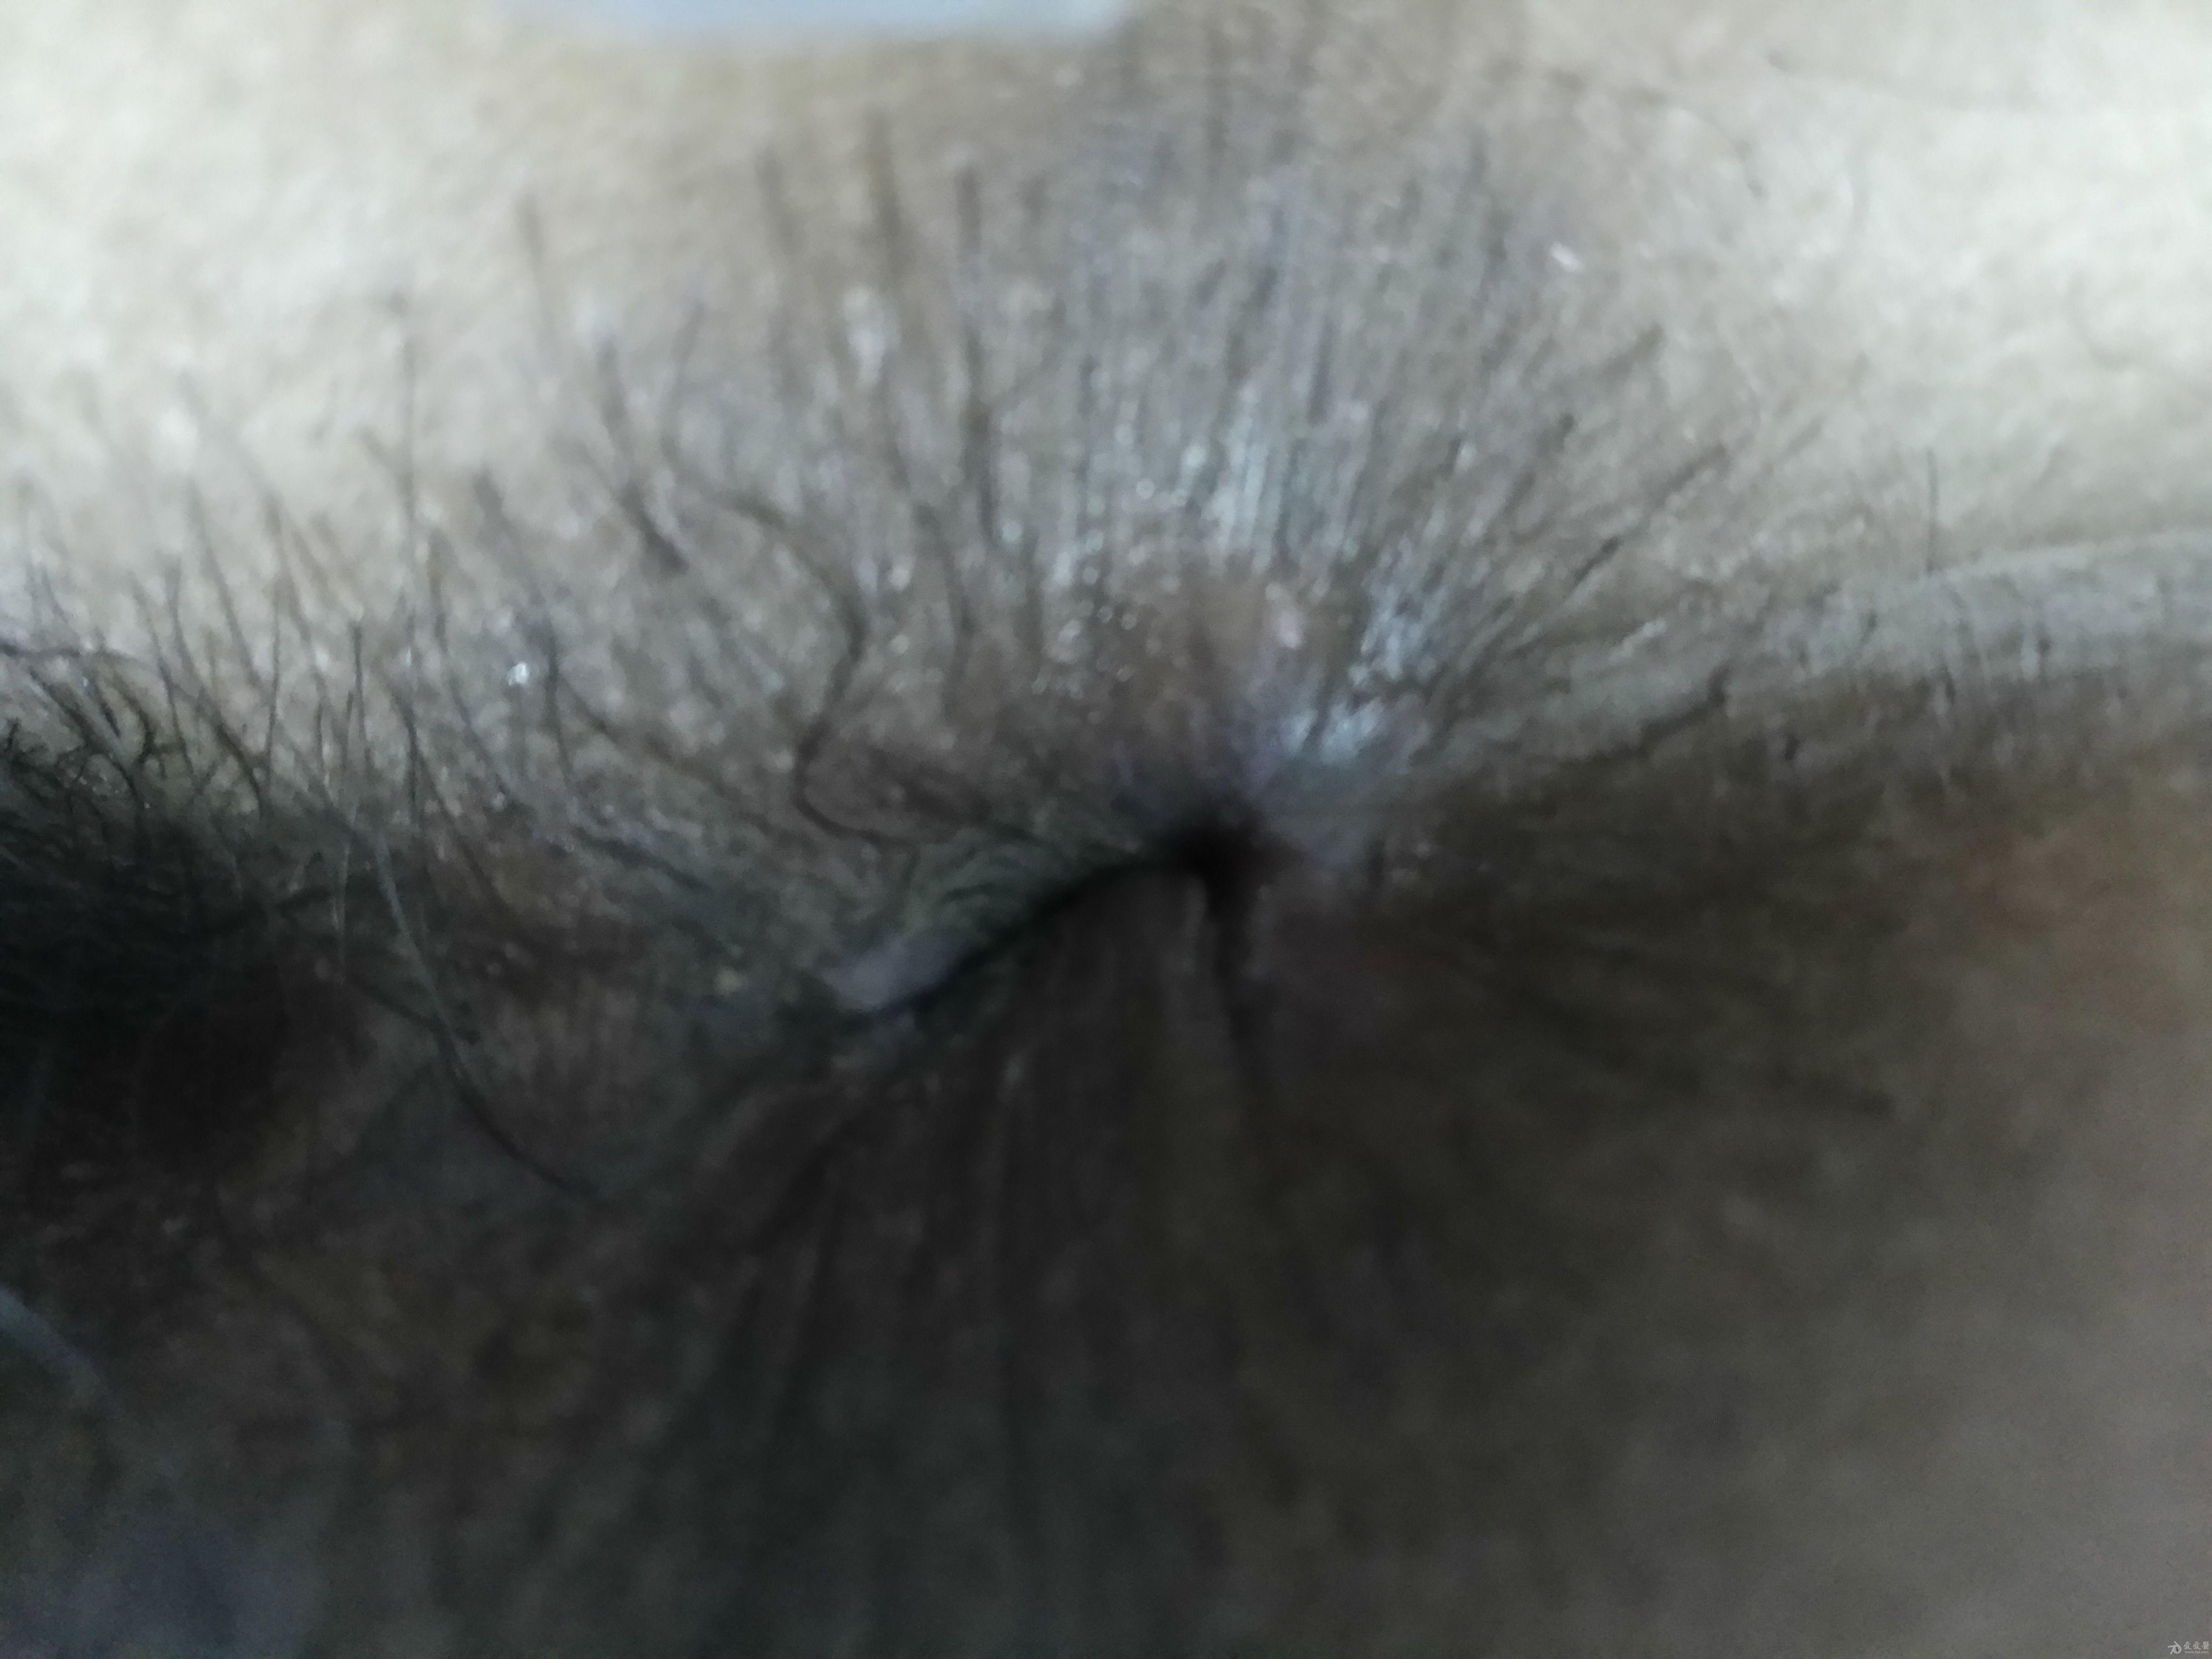 这是术后34天图片,患者自觉症状完全消失,肛门局部完全愈合。排便正常。已经治愈。